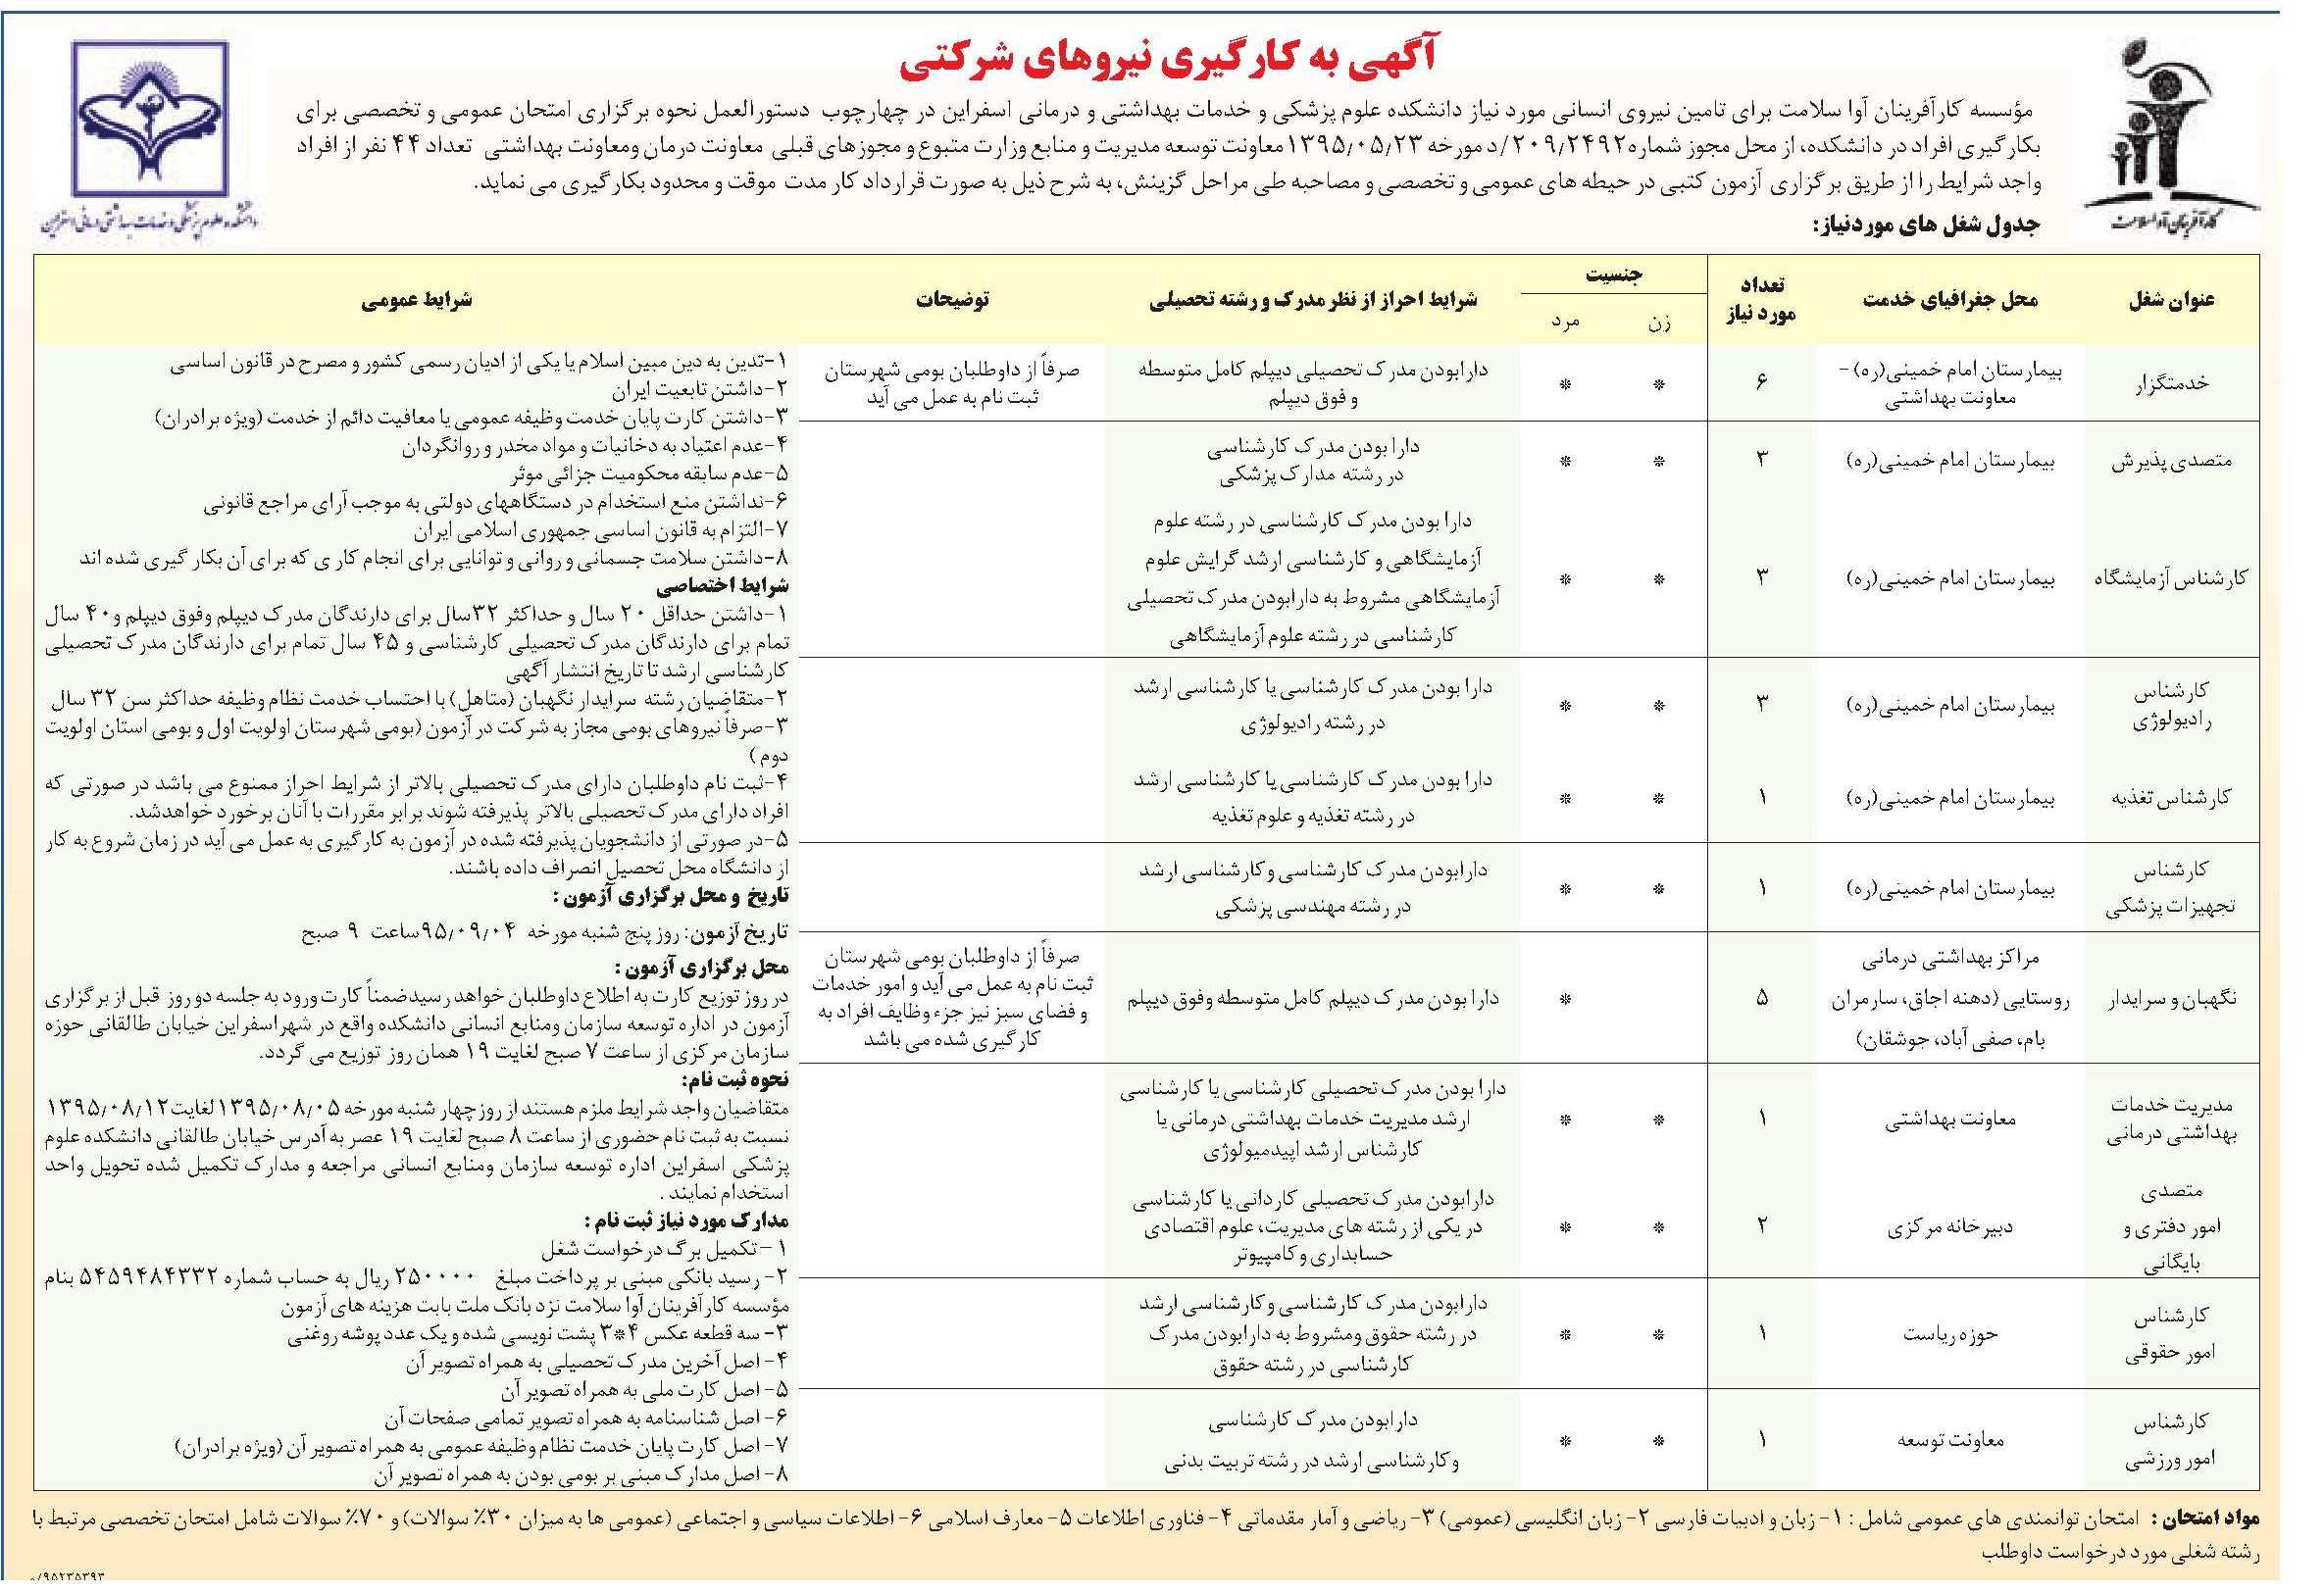 جدول شغل های مورد نیاز دانشکده علوم پزشکی اسفراین